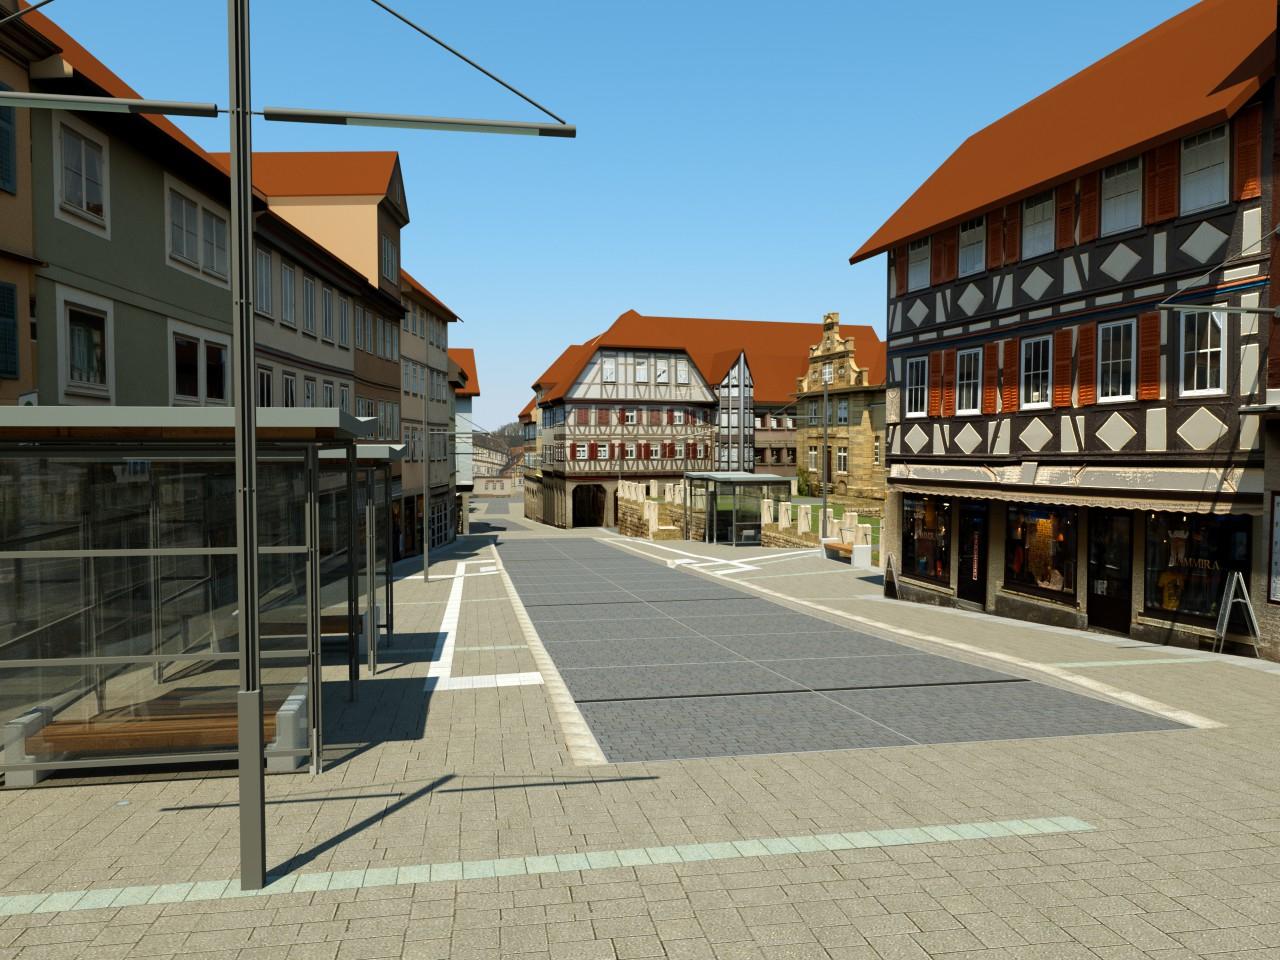 Renderart urban street visuali 1 2831f6e6 k4om